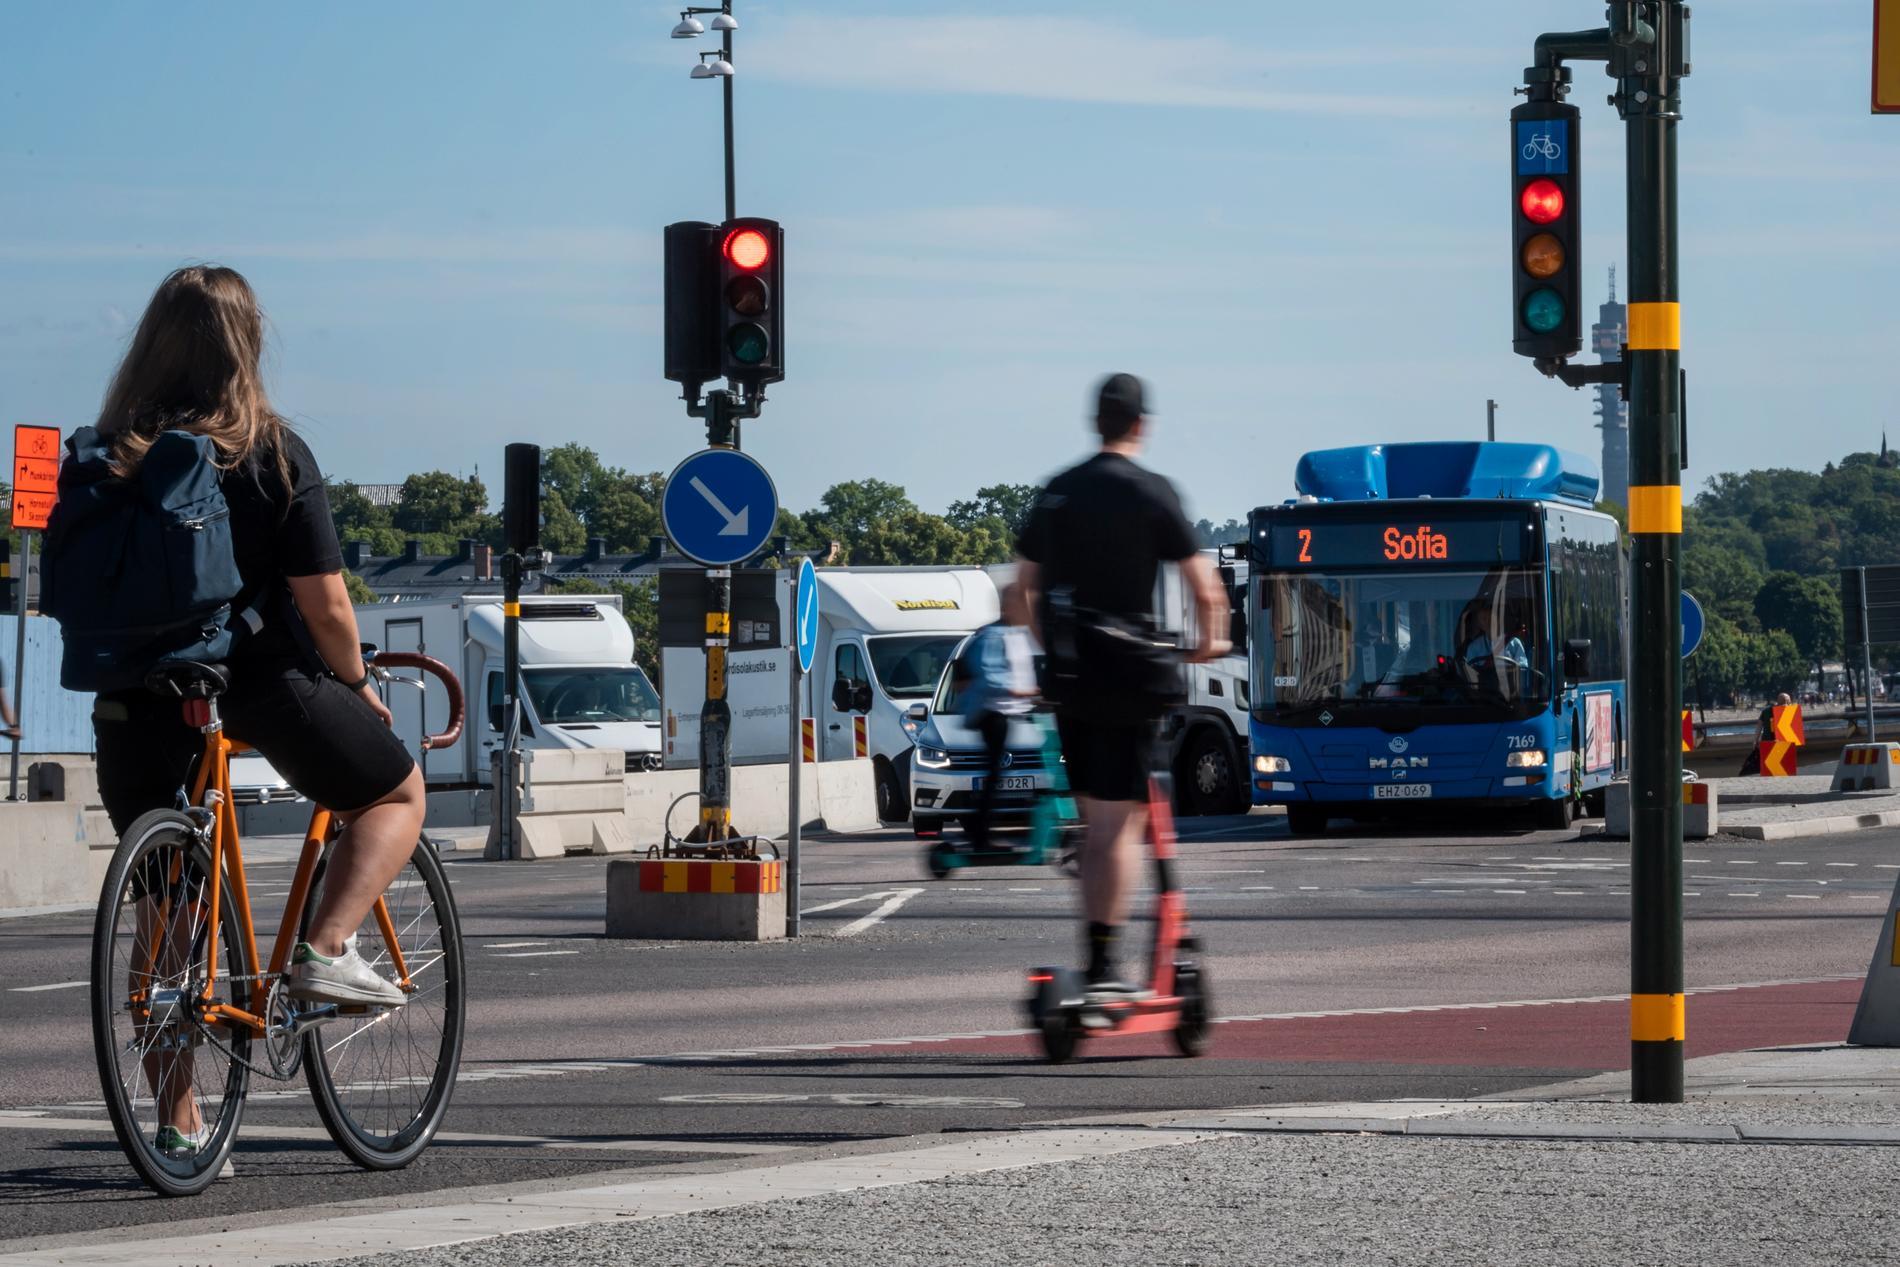 Fler och fler elsparkcykelföretag dyker upp i städer runt omkring i Sverige. Det här gäller för dig som kör.